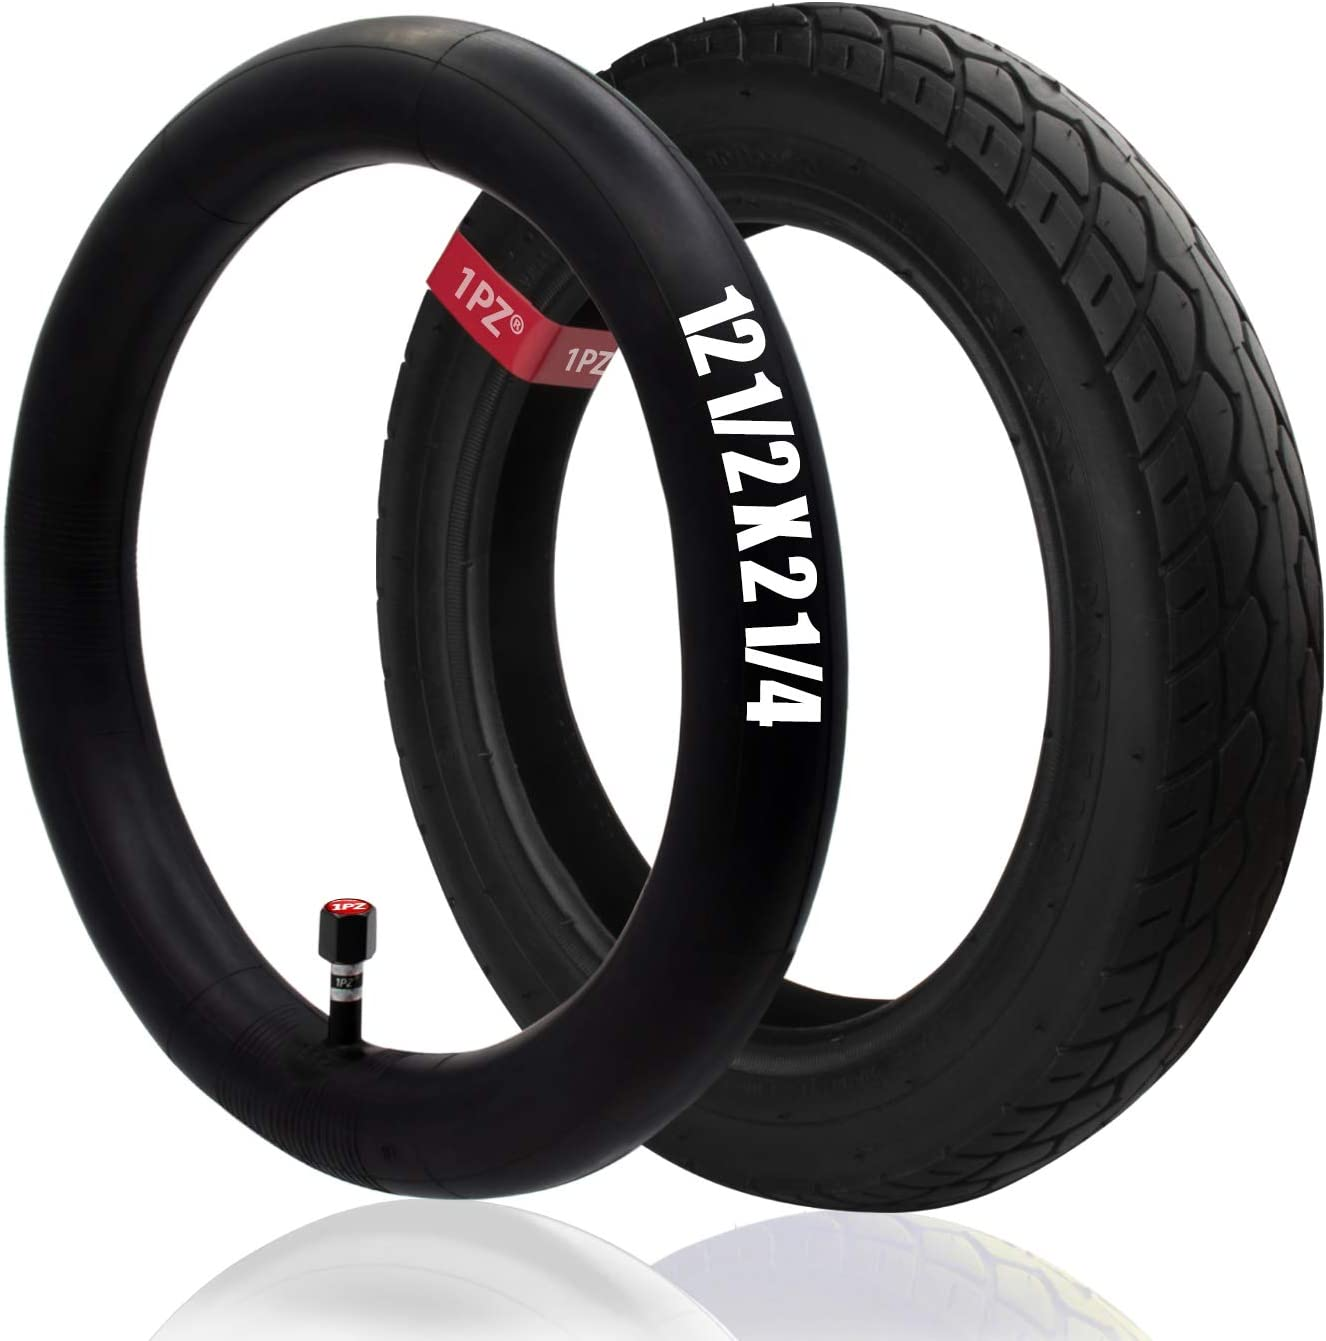 1PZ ER5-T01 12.5 x 2.25 (12-1/2 x2-1/4) Tire & Inner Tube